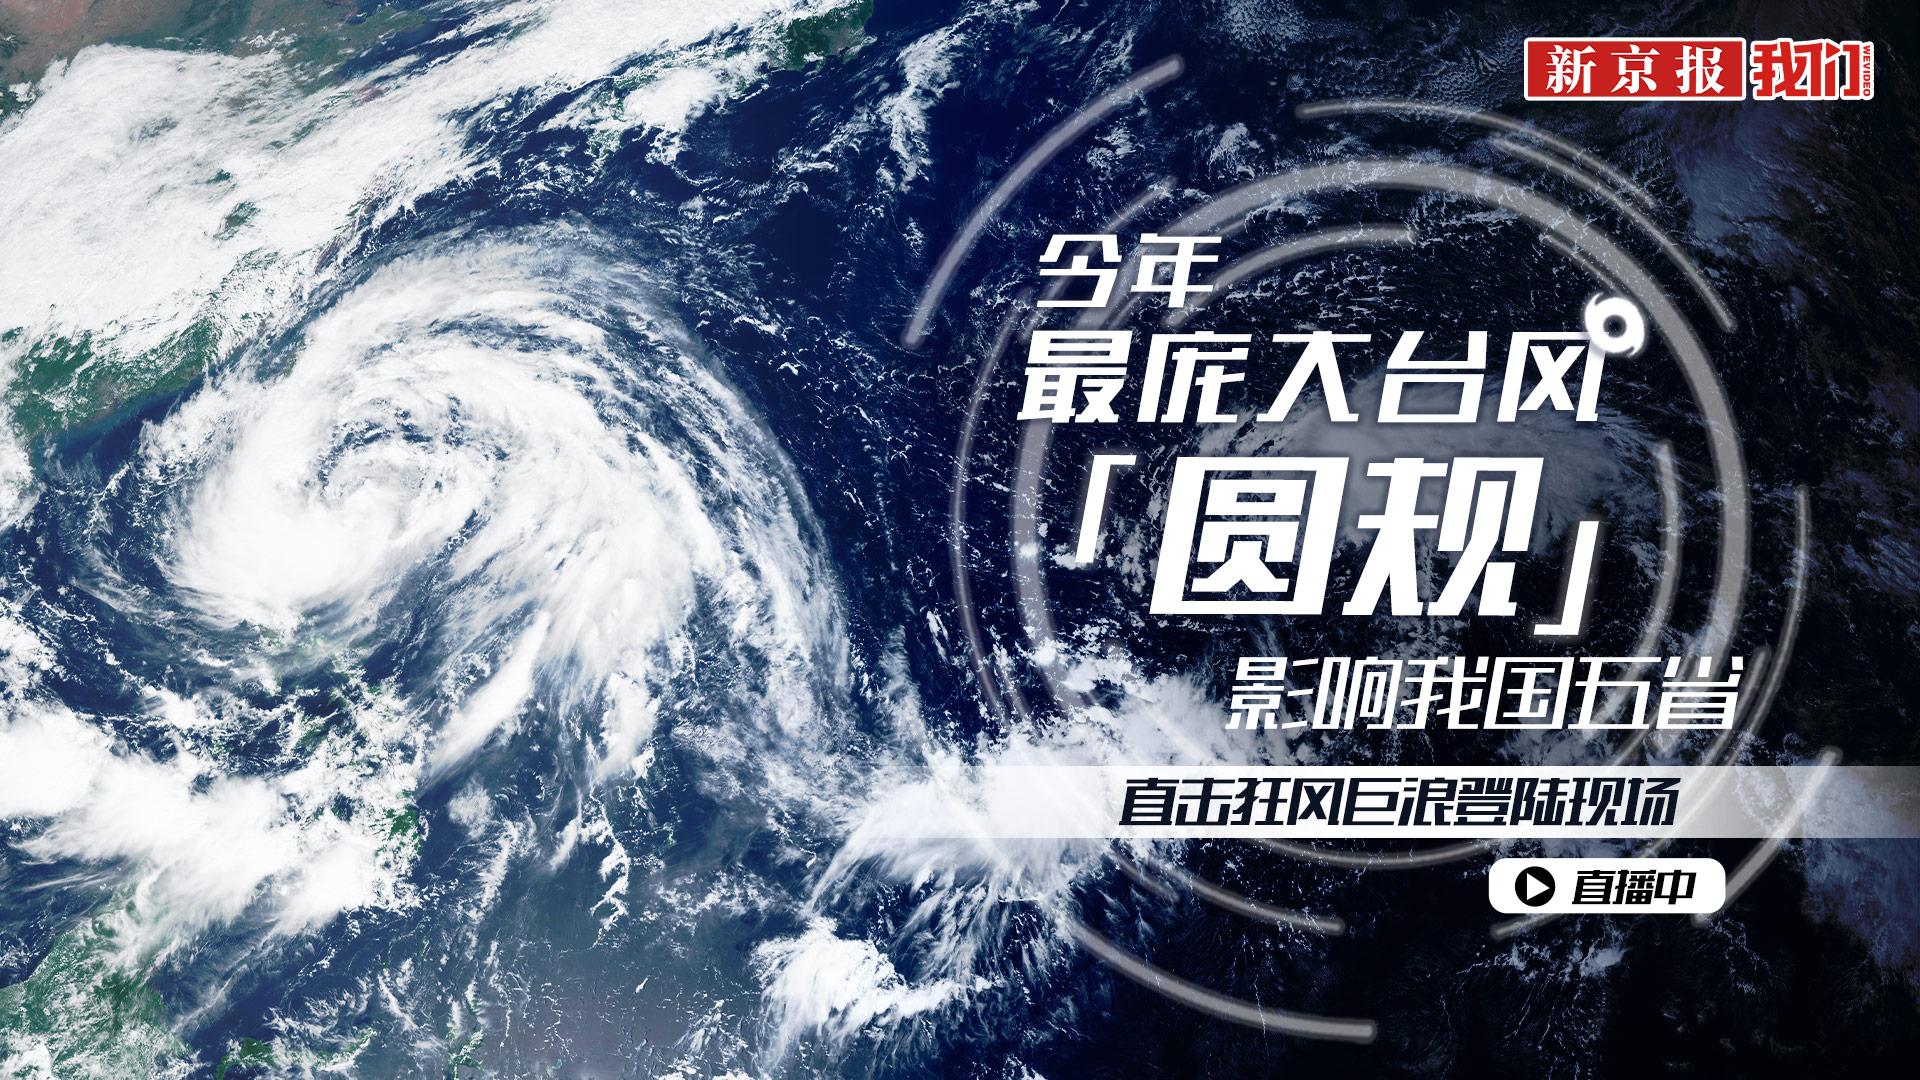 """今年最庞大台风""""圆规""""影响我国五省 直击狂风巨浪登陆现场"""